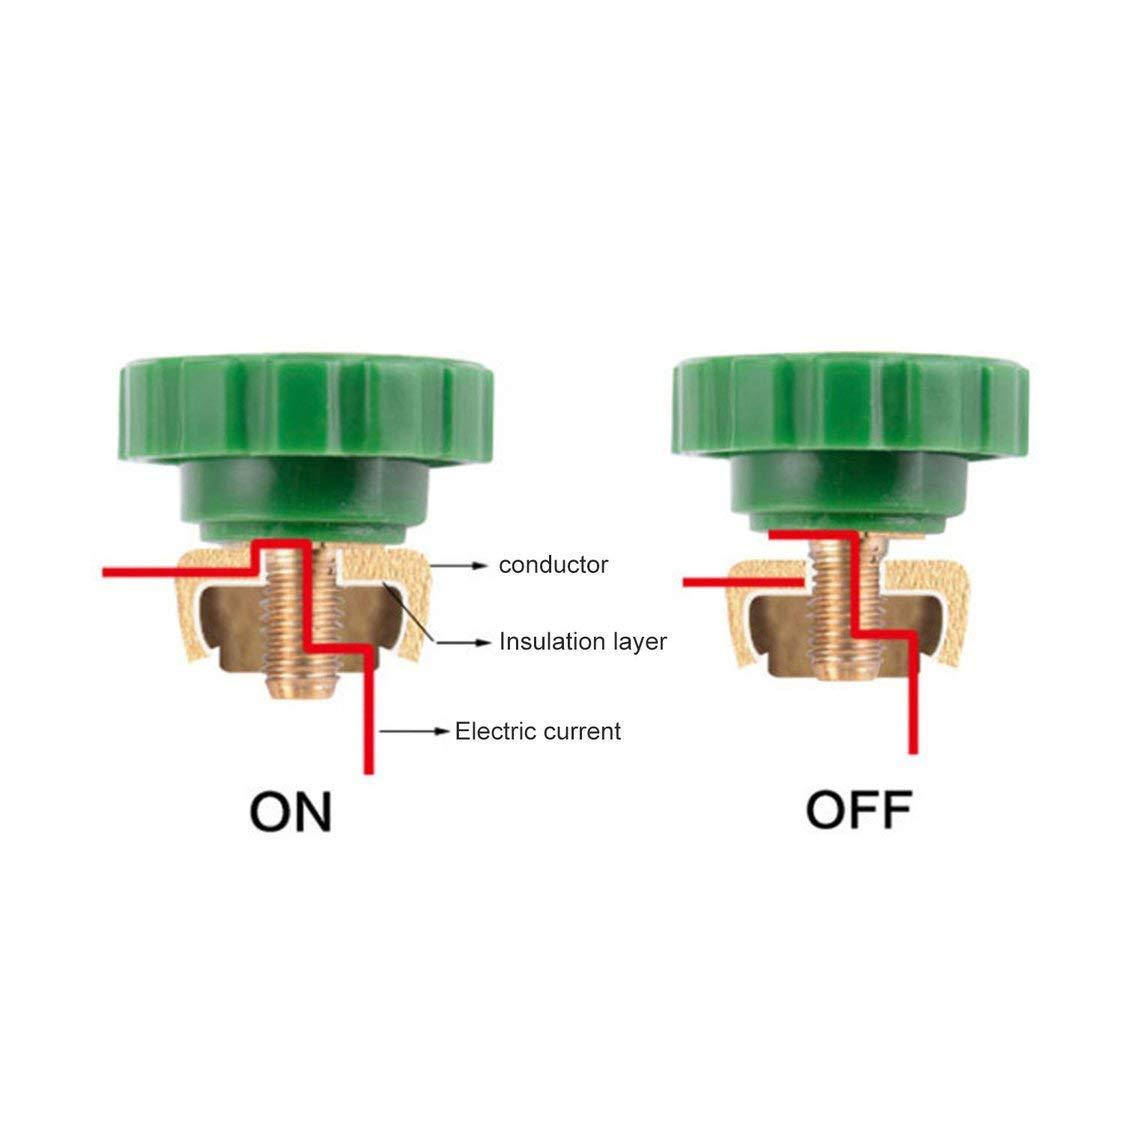 17mm Coche Moto Bater/ía Terminal Enlace Interruptor de corte r/ápido Desconexi/ón rotativa Aislador Cami/ón de autom/óvil Autopartes de veh/ículos